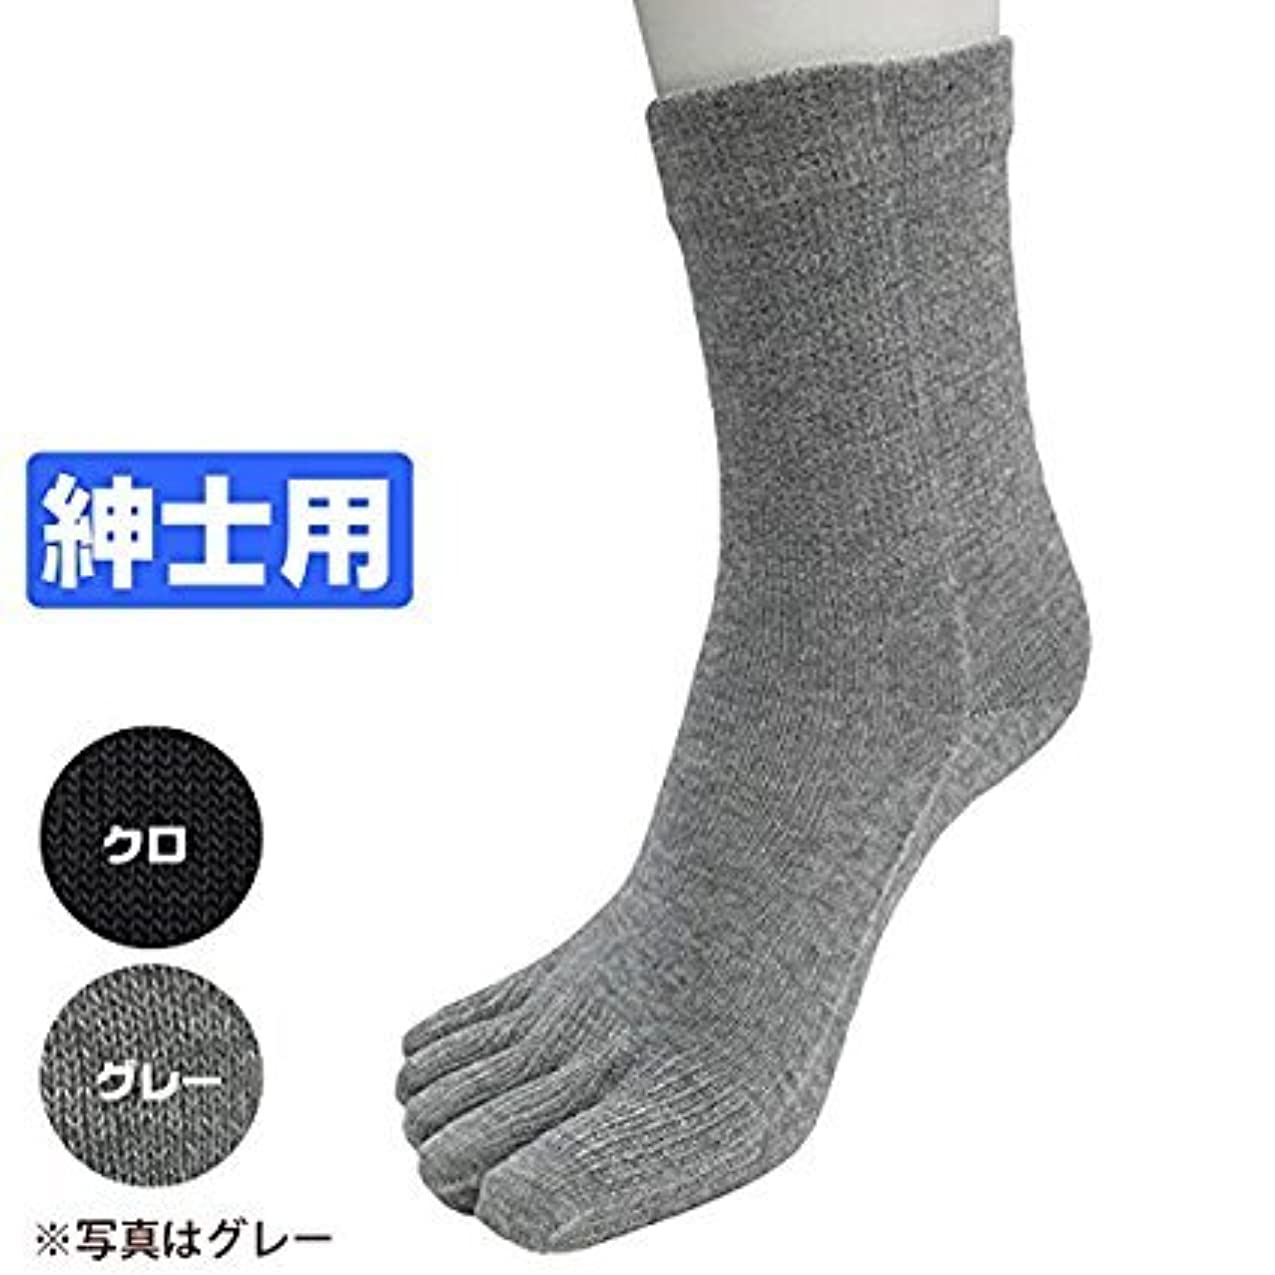 さらに固執抜け目のないひだまり 5本指ソックス 紳士用 靴下[24~26cm]オールシーズンタイプ (クロ)